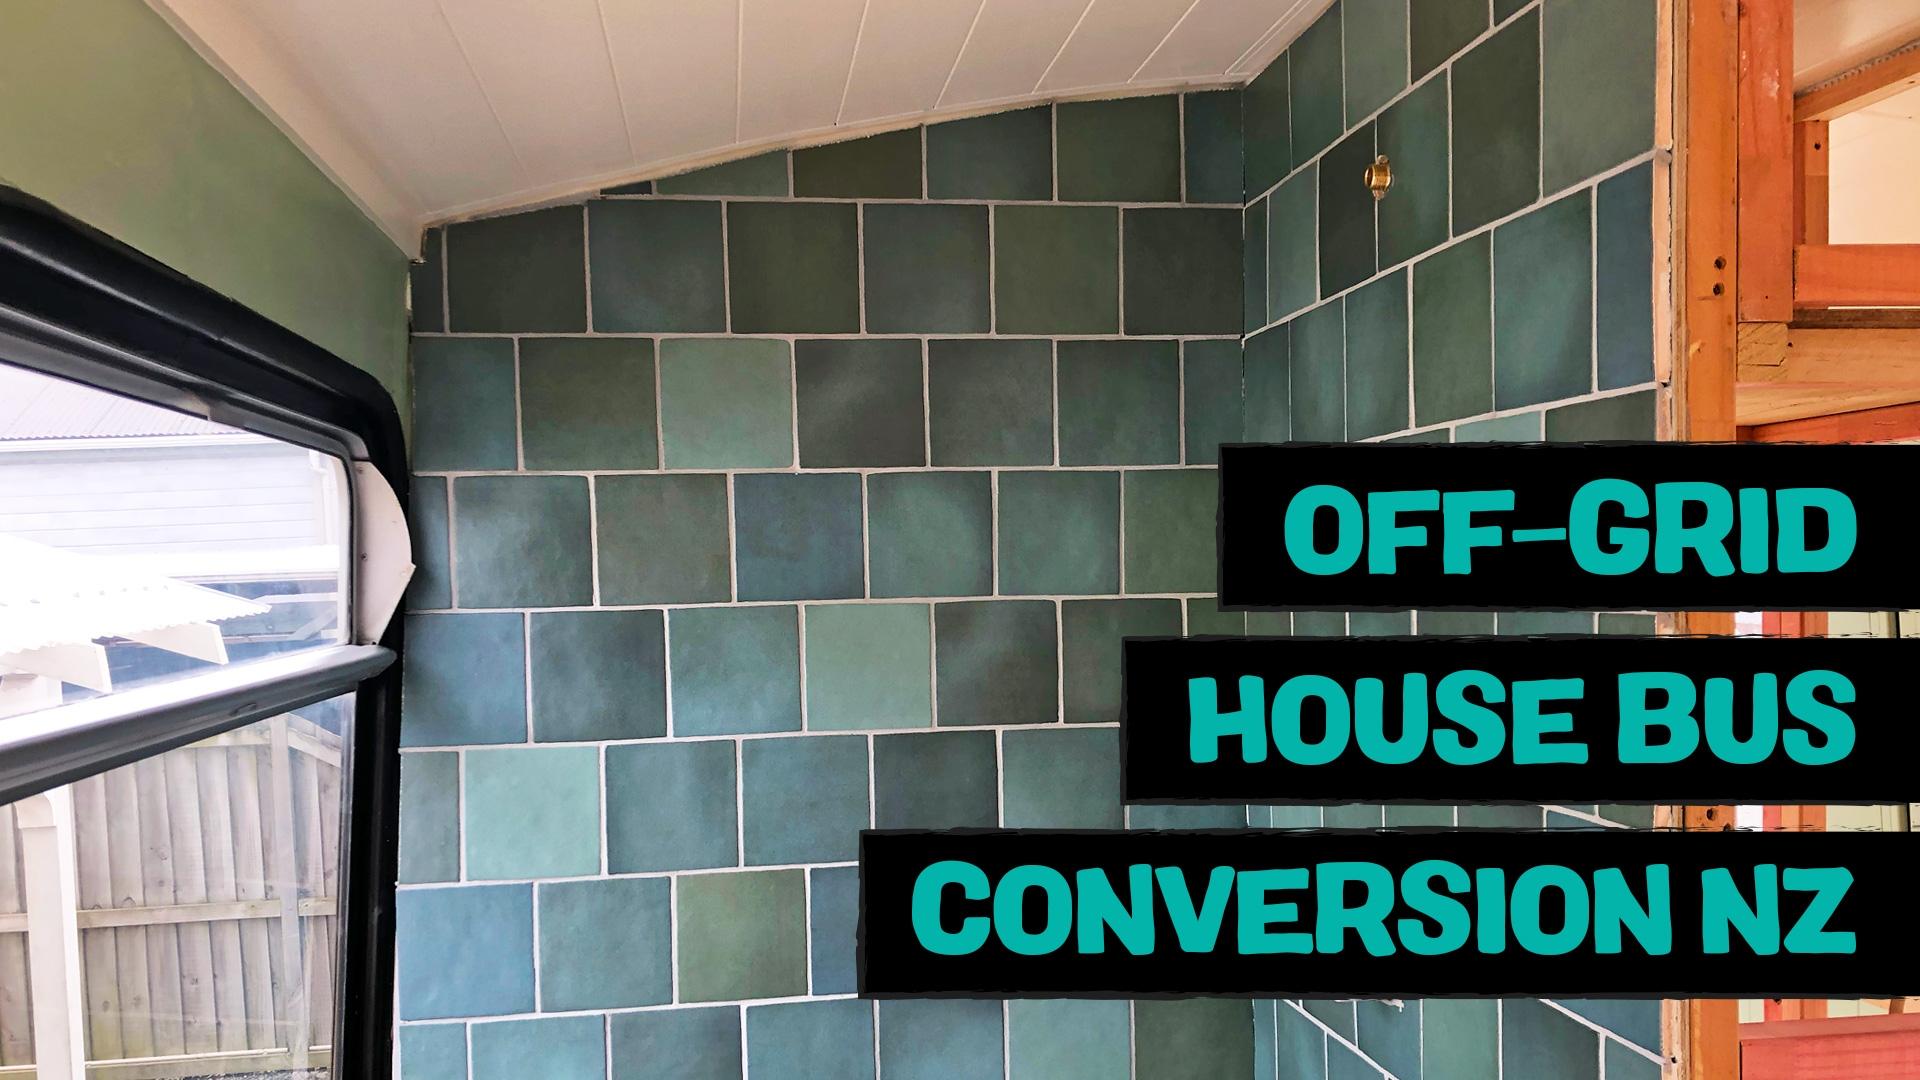 Tiled shower and motorhome registration